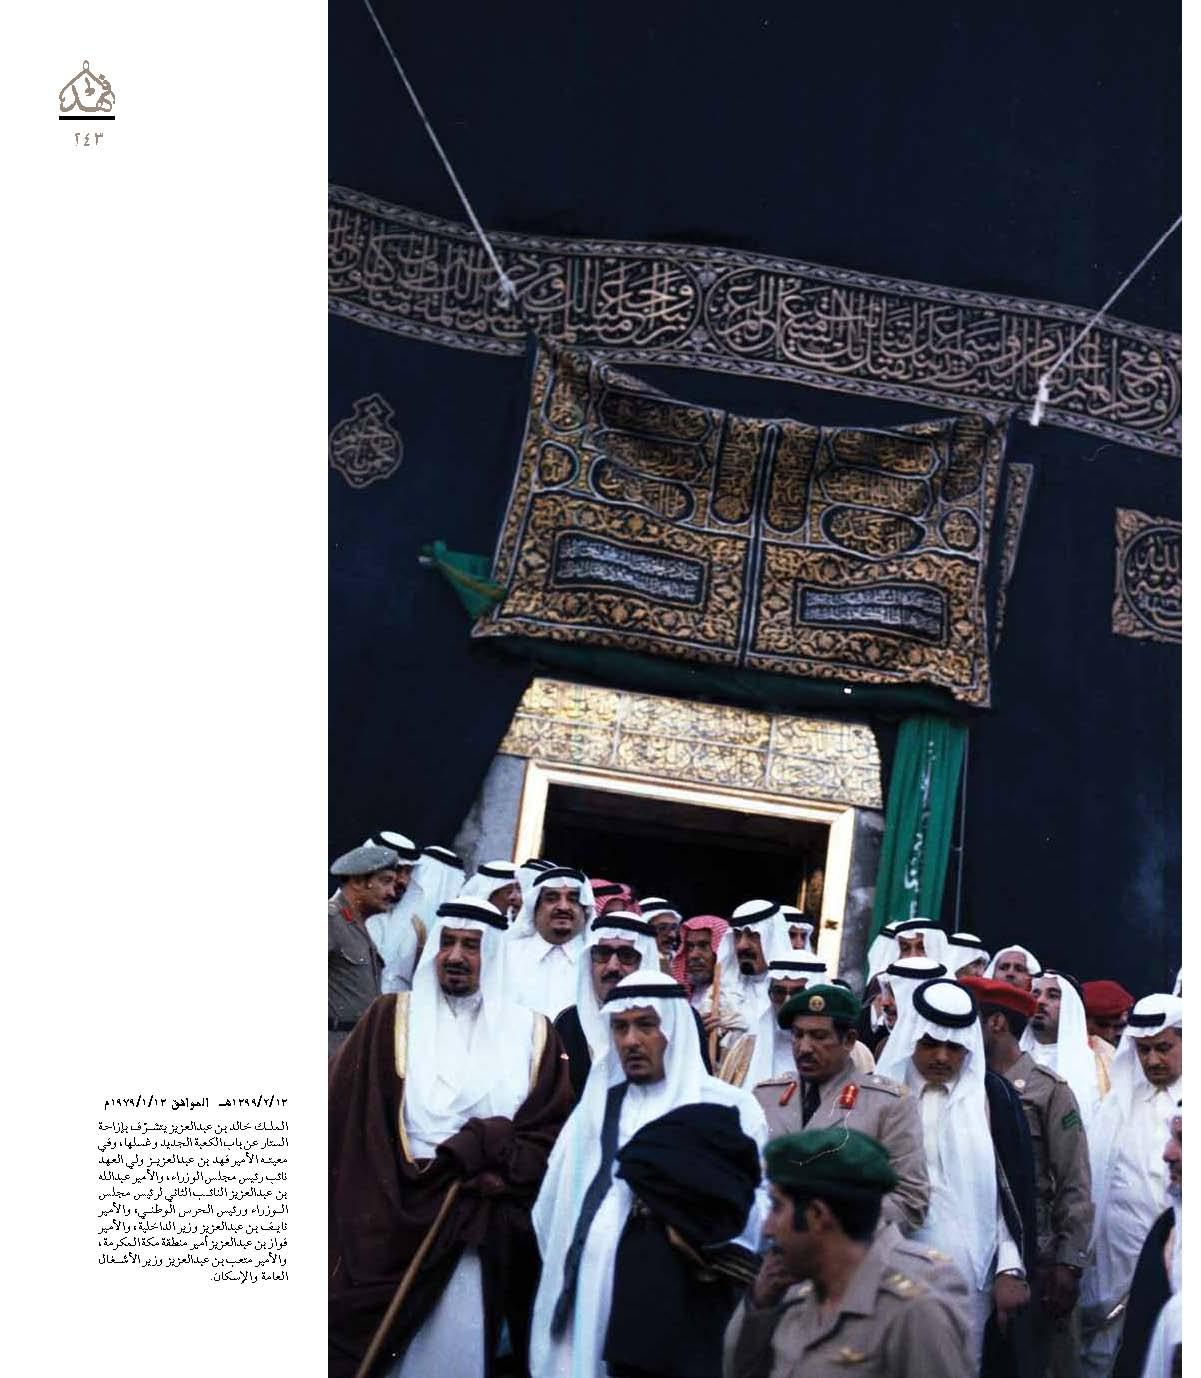 """صور نادرة للملك فهد في """"كتاب"""" 92ea3f82-4781-4070-b985-a8291c37d502"""